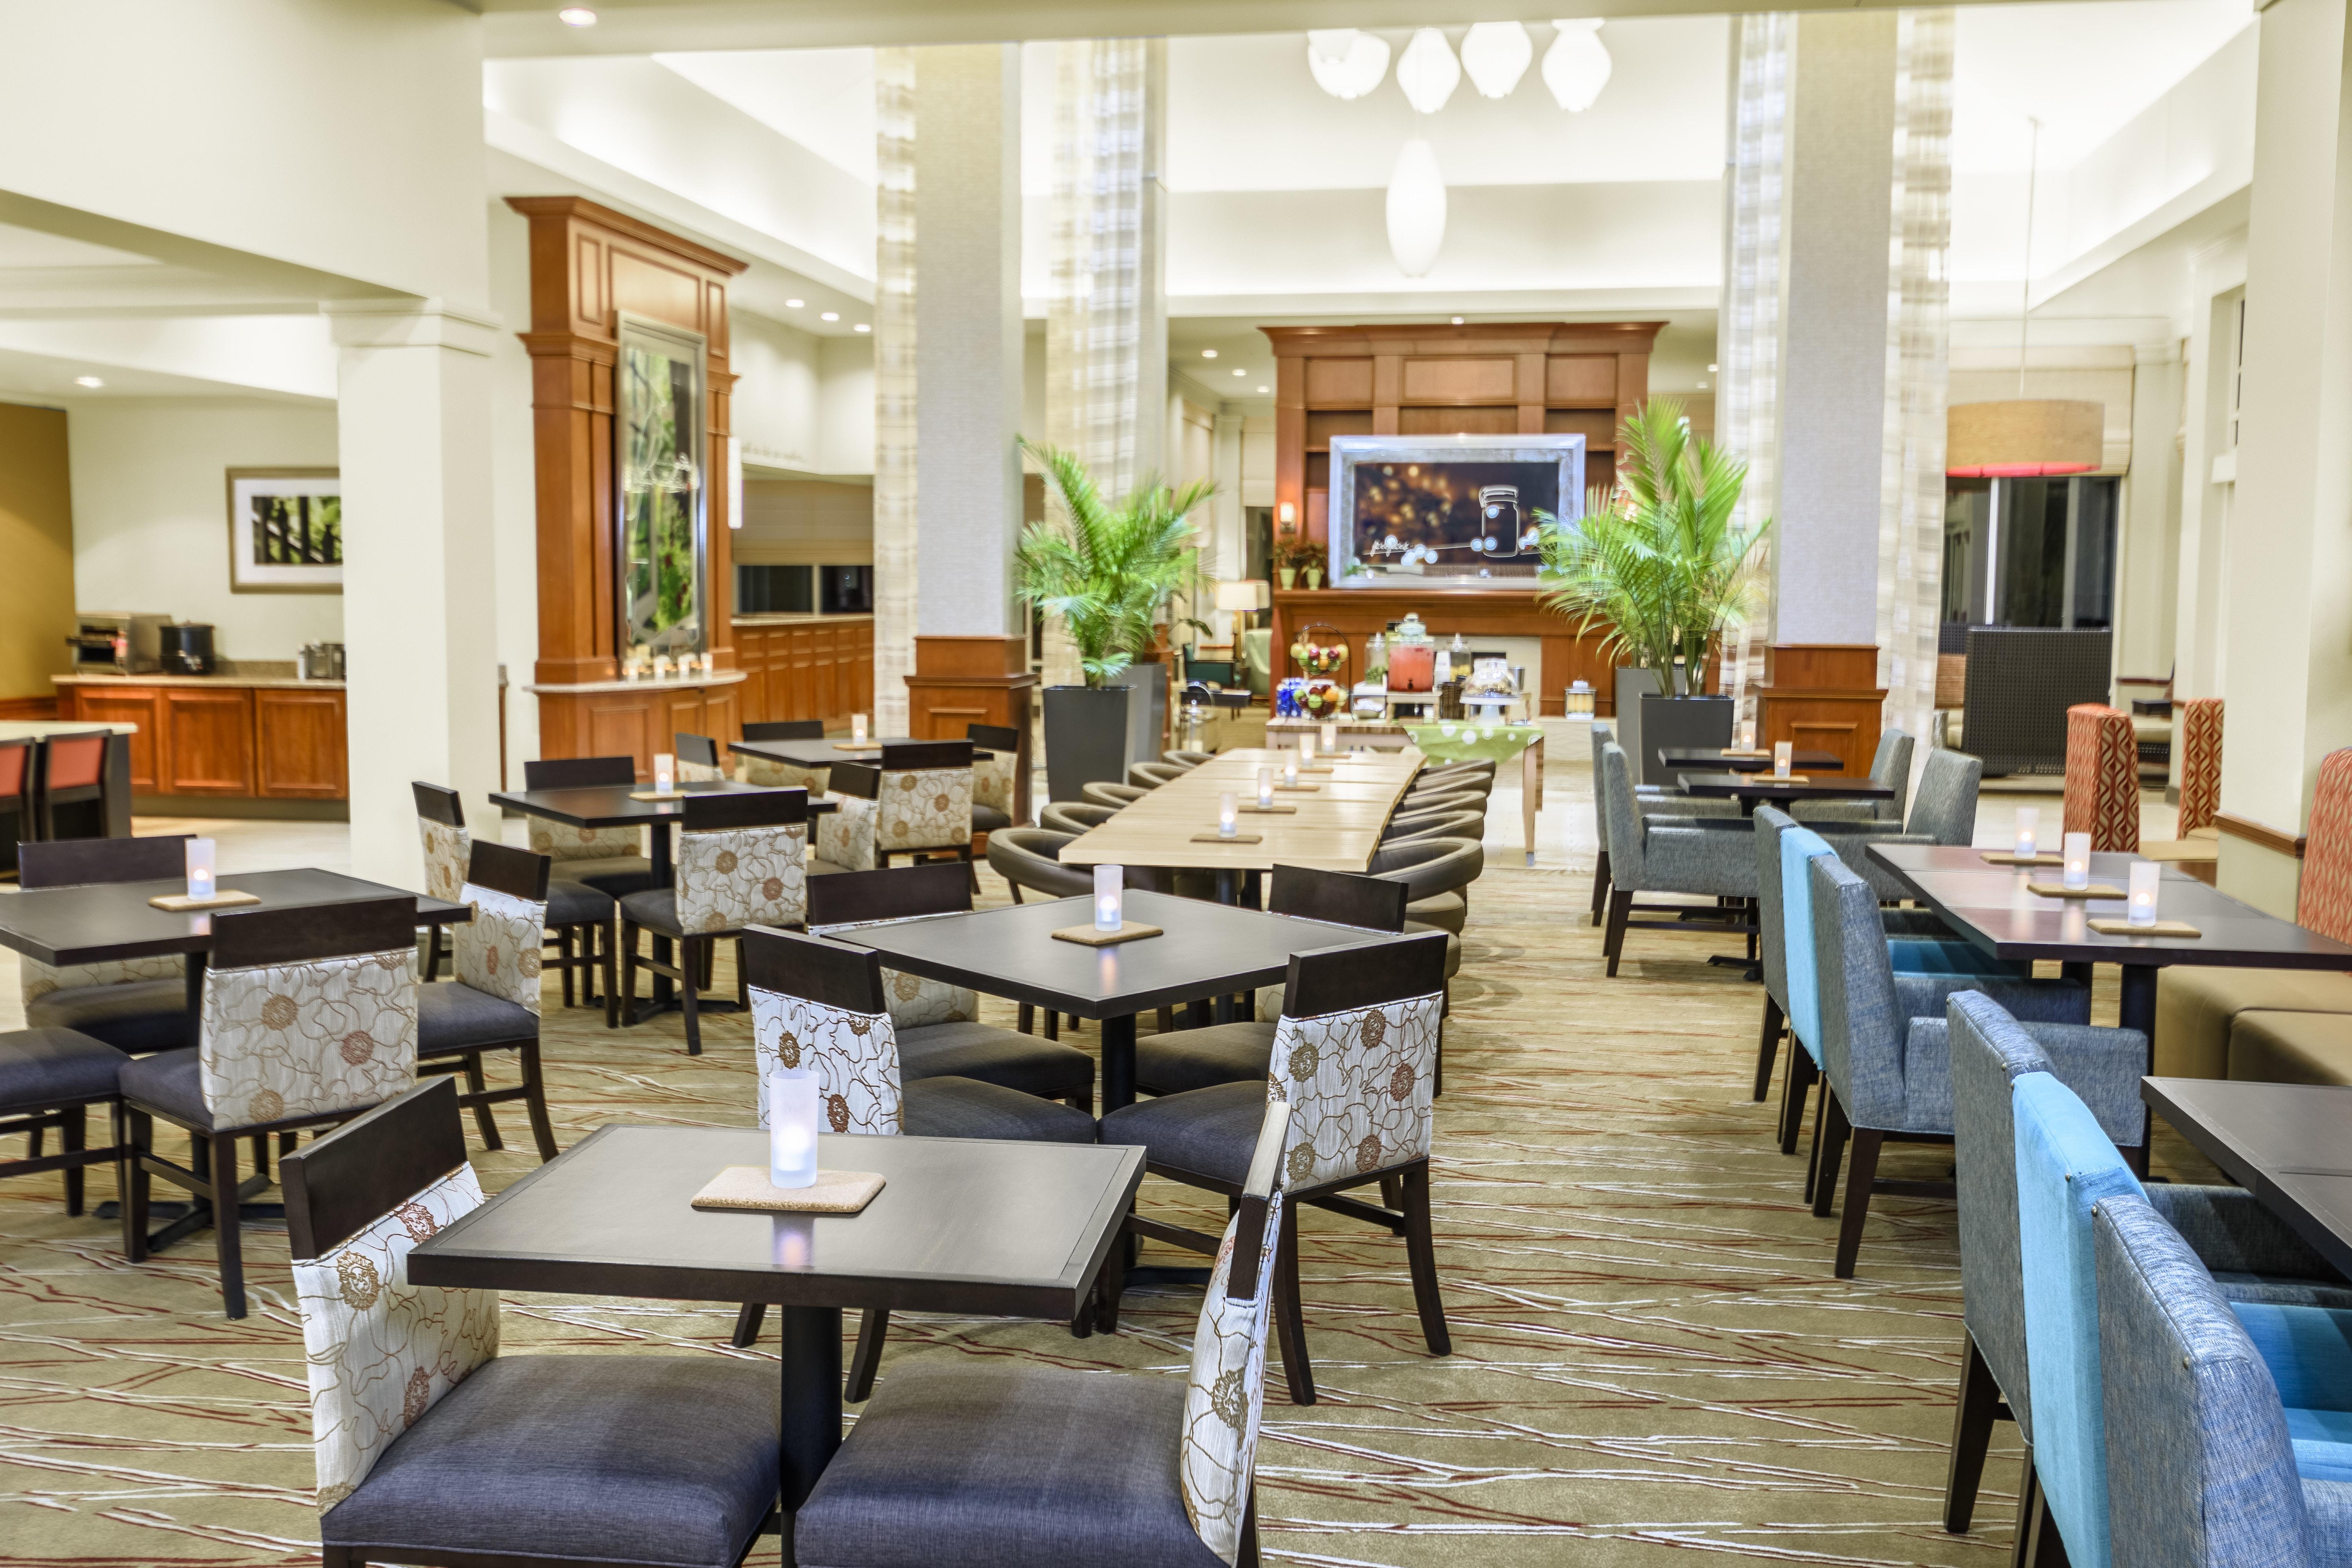 https://www.hotelsbyday.com/_data/default-hotel_image/3/16003/dsc-6222-hdra-v2.jpg